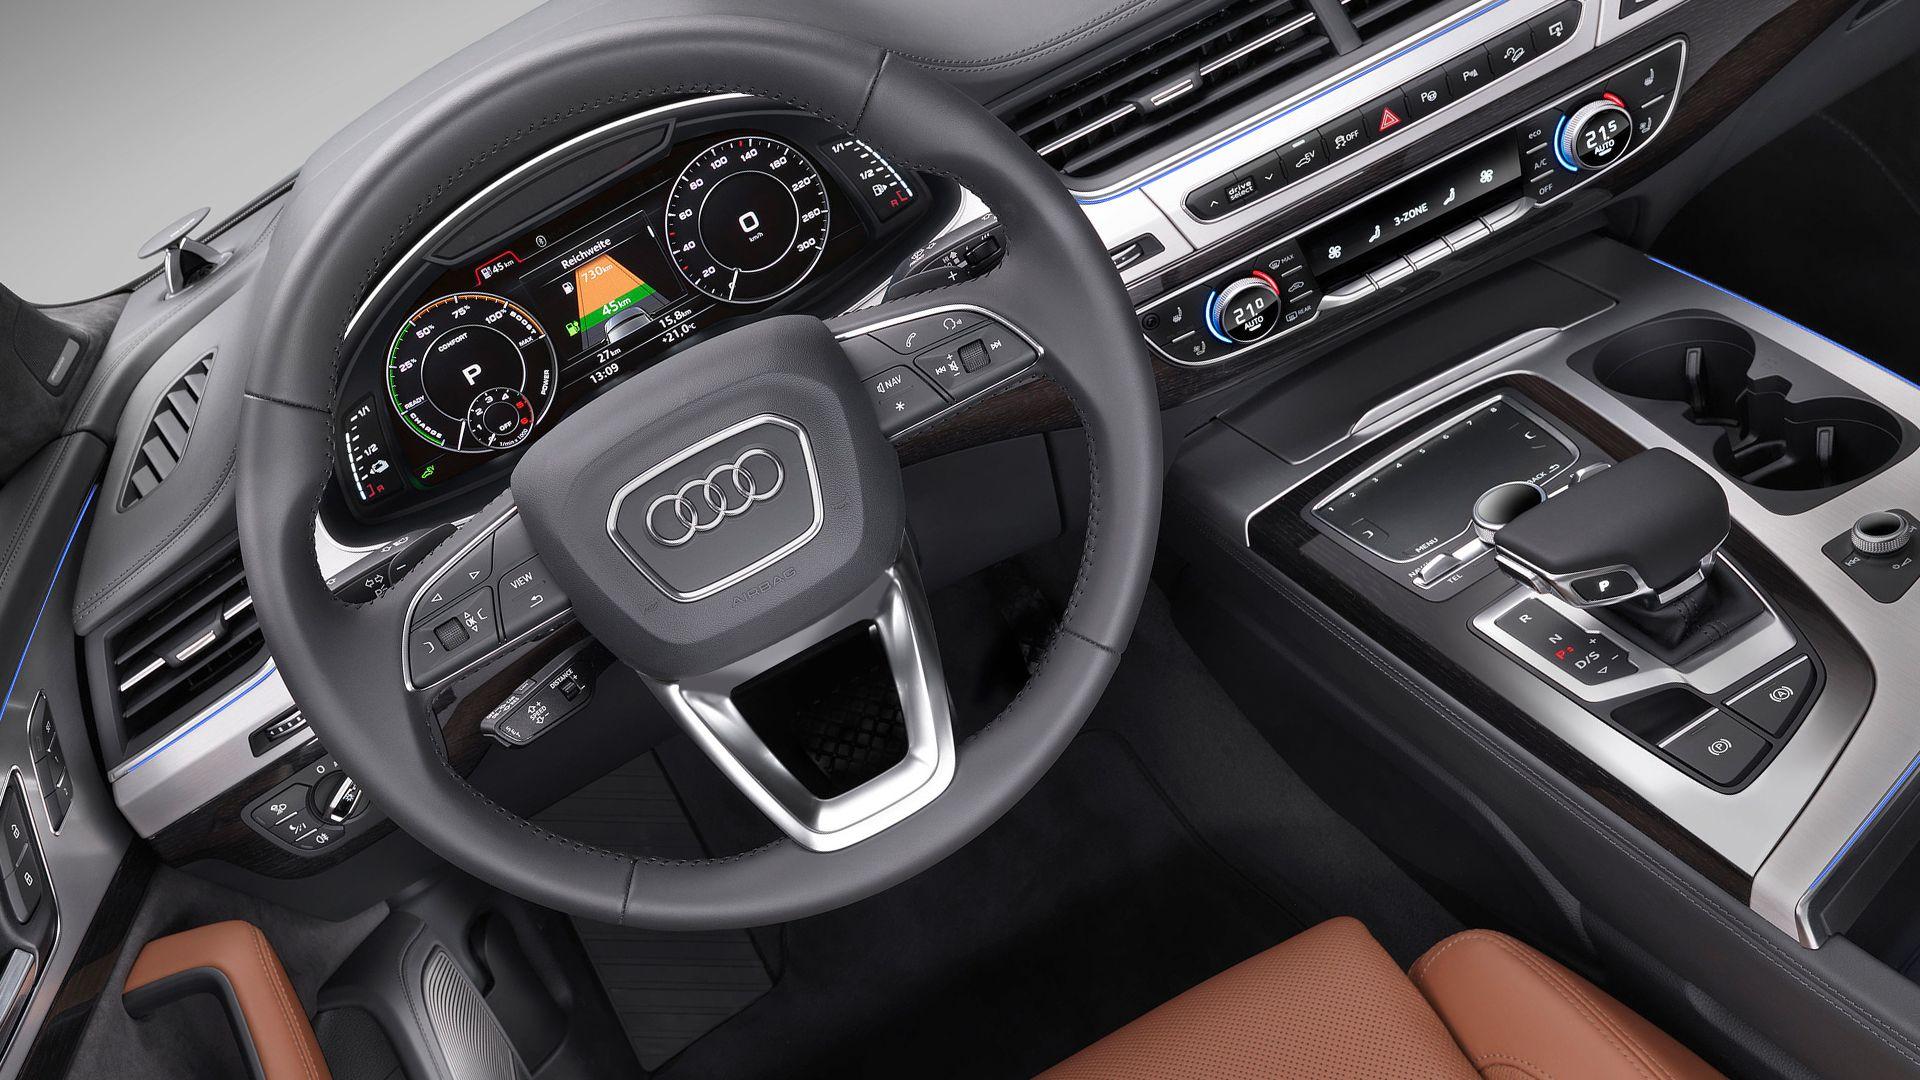 2019 Audi Q5 Interior Design Good Cars 2018 2019 Model Year